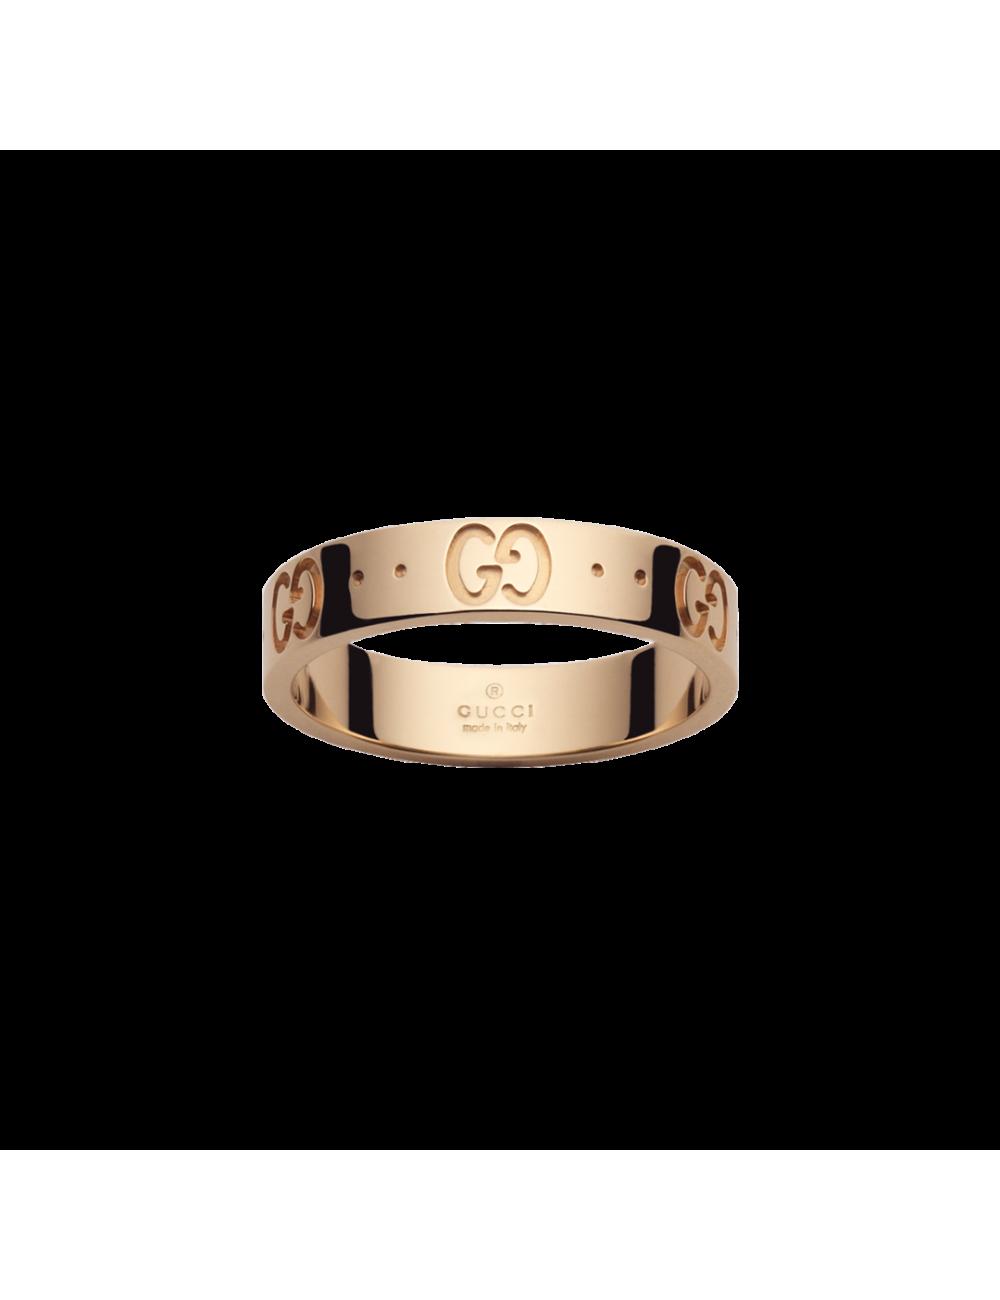 Gucci -Anillo Gucci GG Icon oro rosa -YBC152045001015